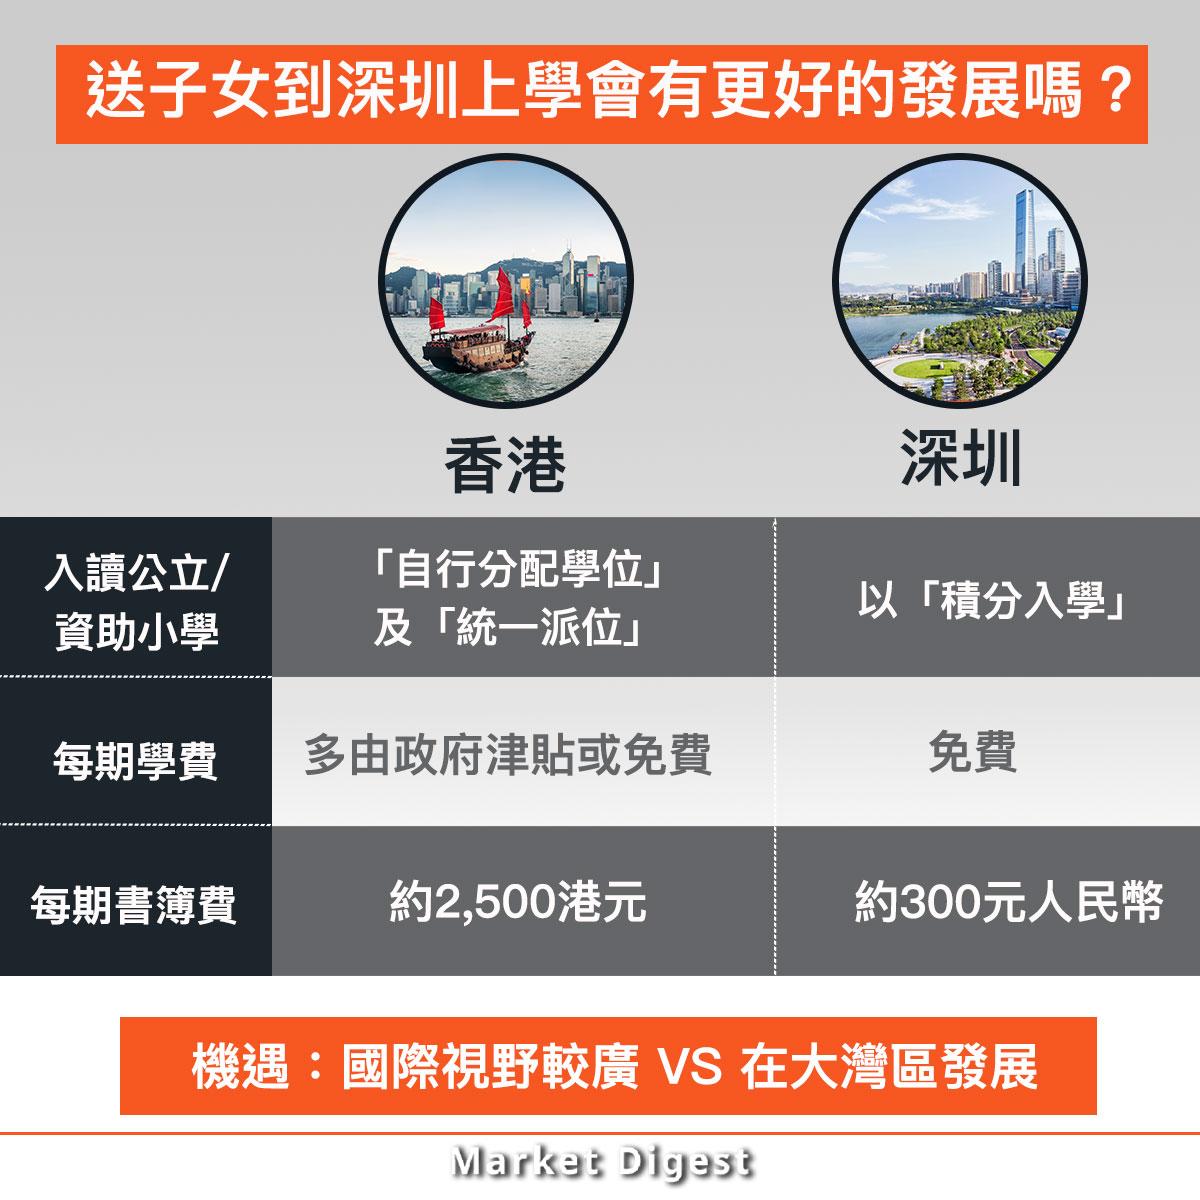 【移民攻略】送子女到深圳上學會有更好的發展嗎?